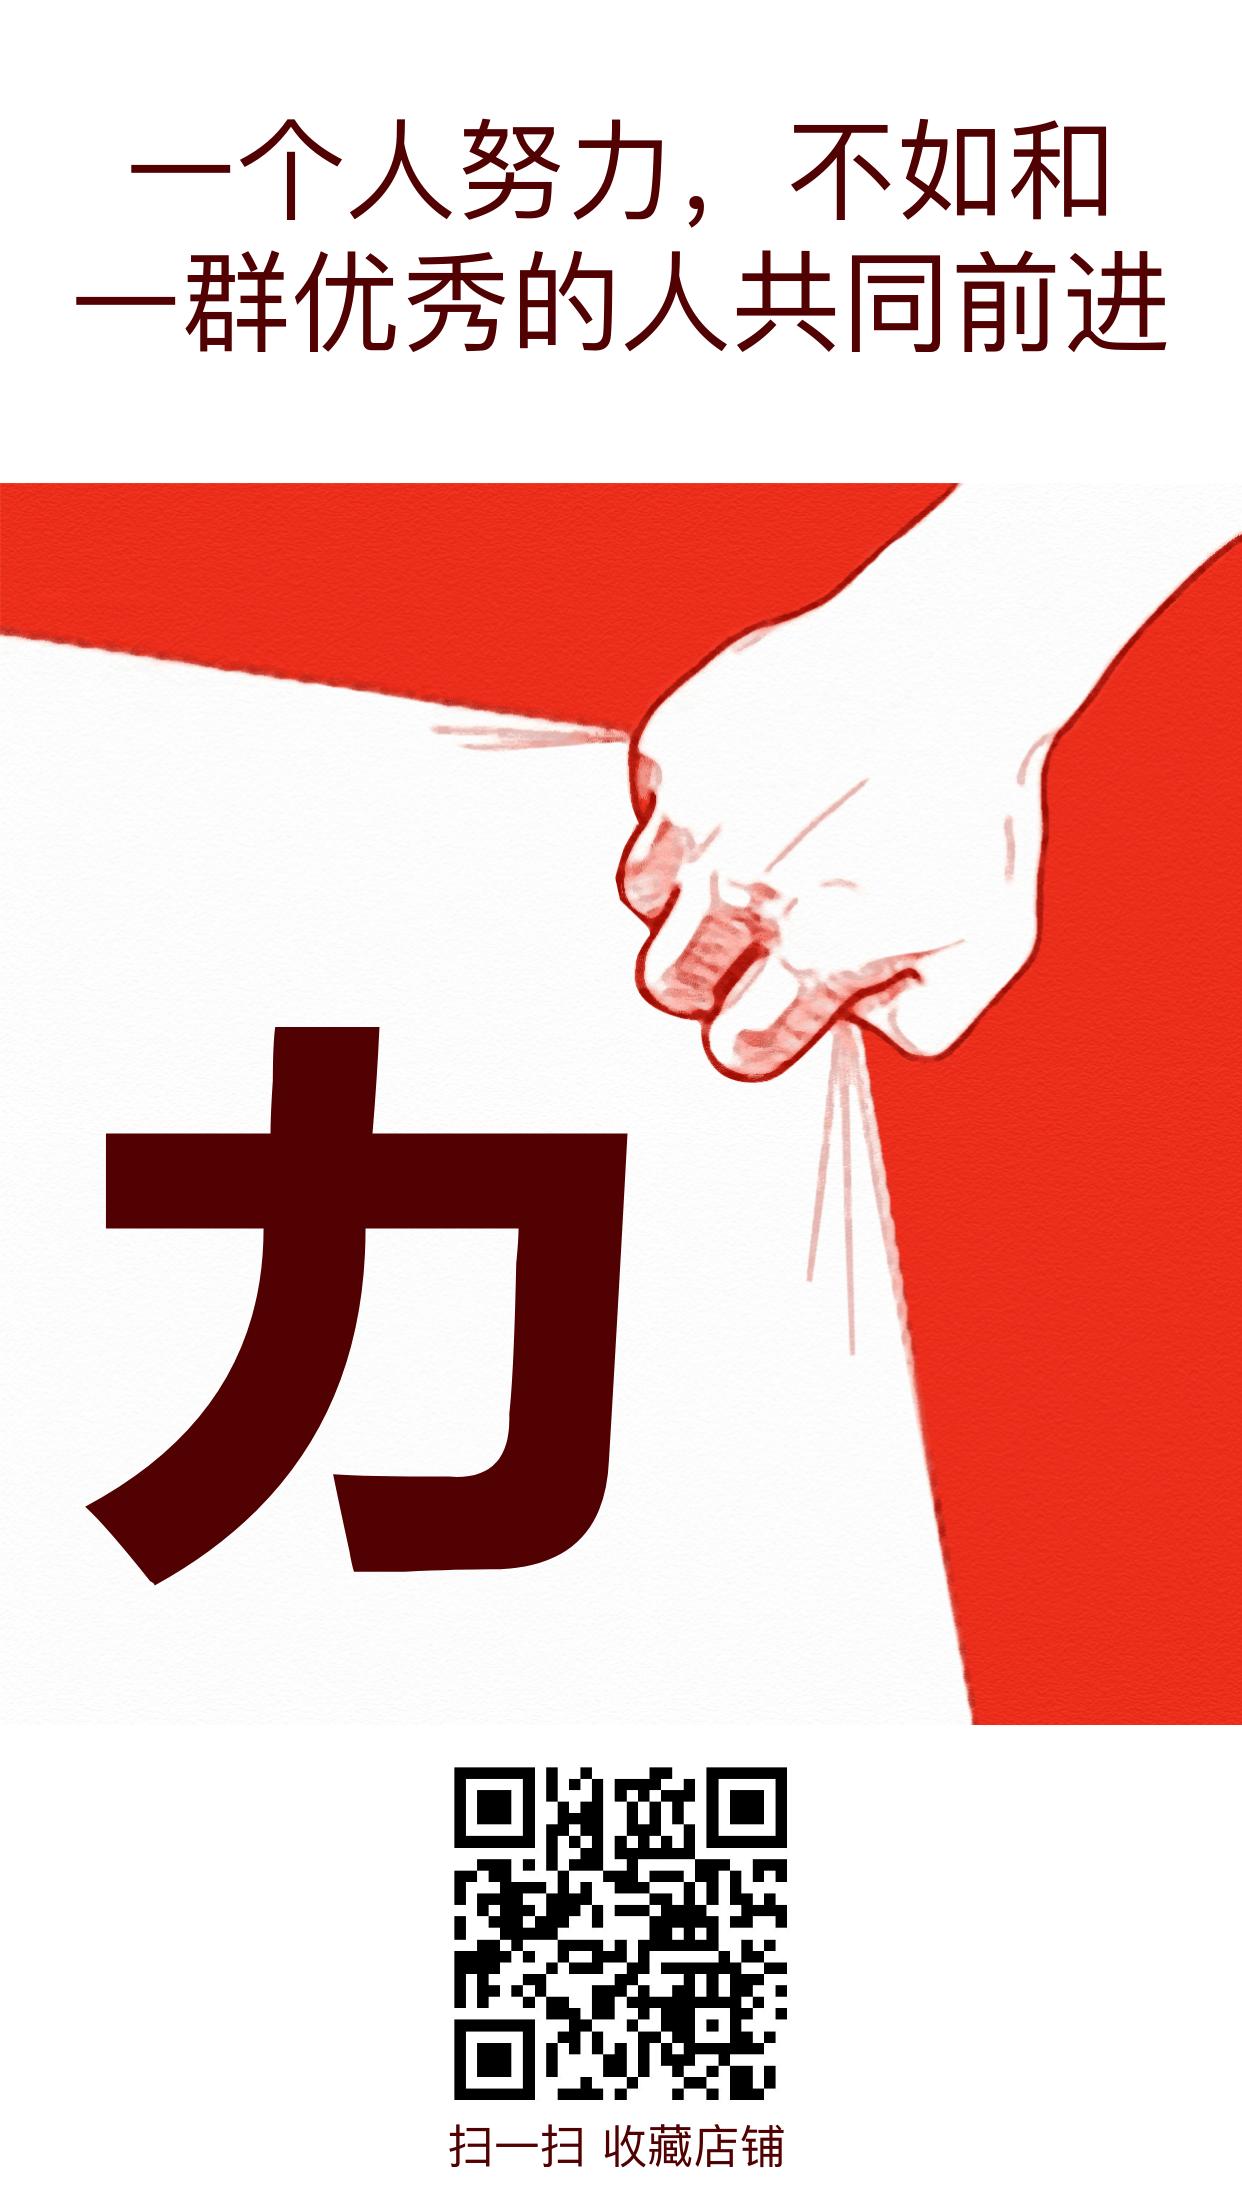 大字九宫格海报